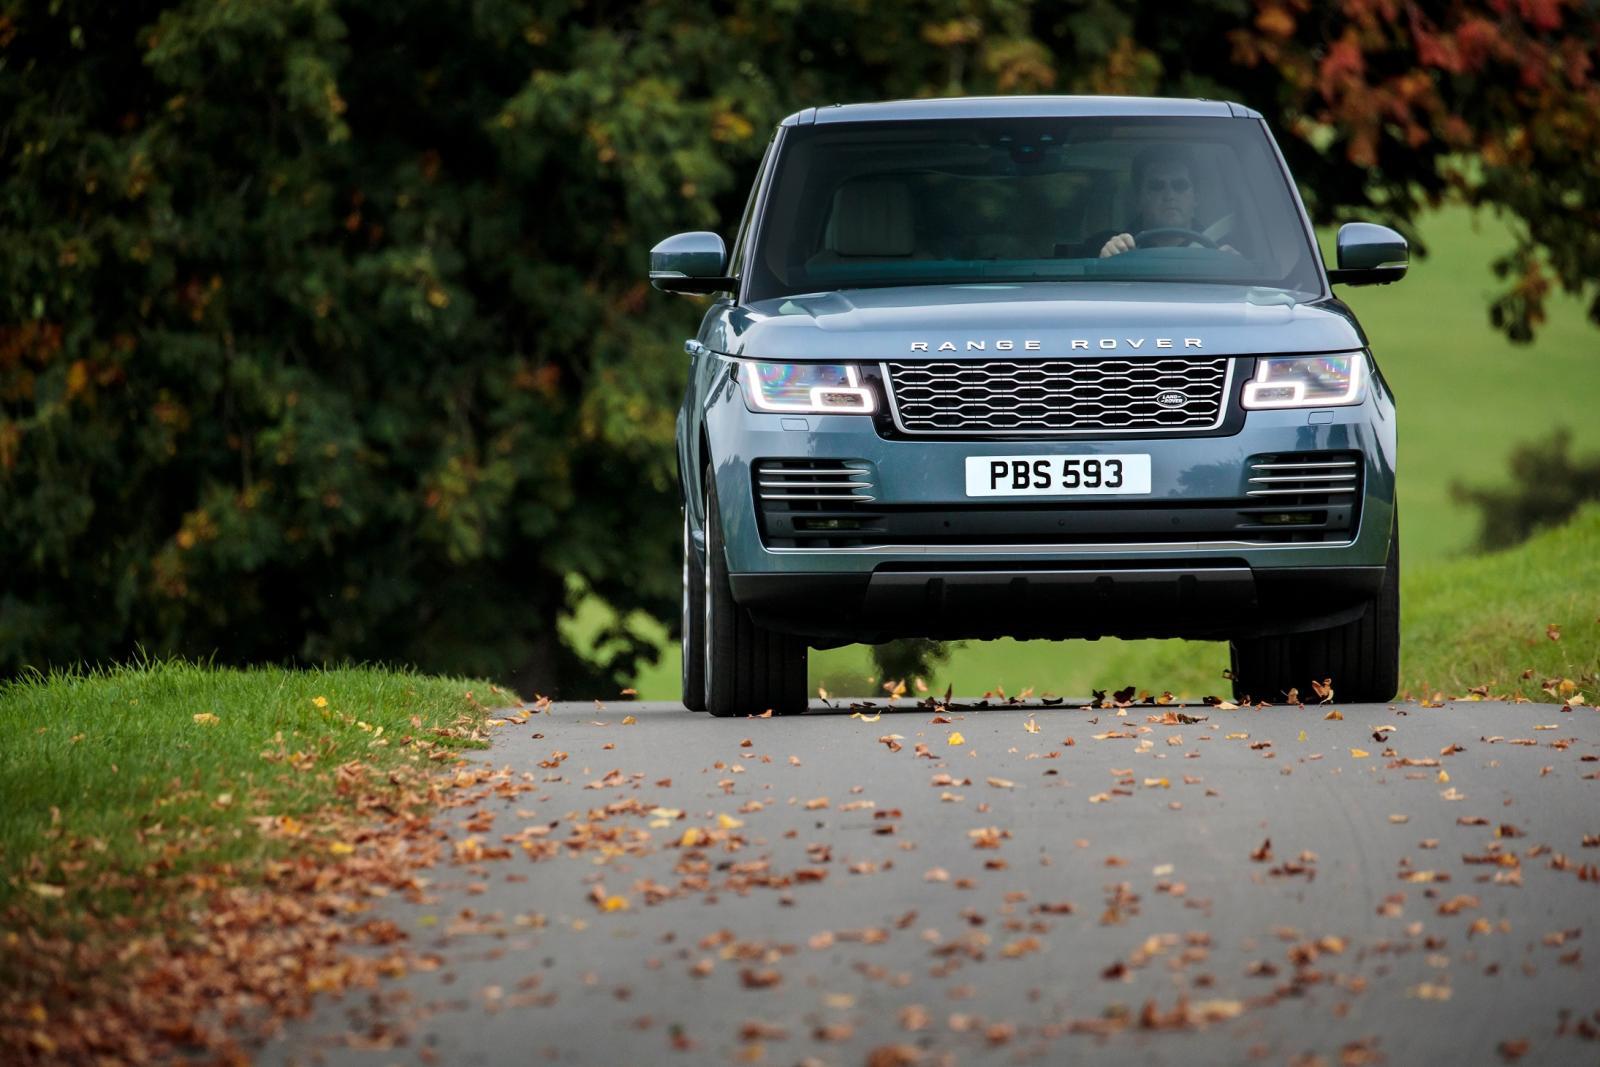 2018-facelift-Range-Rover- (7)